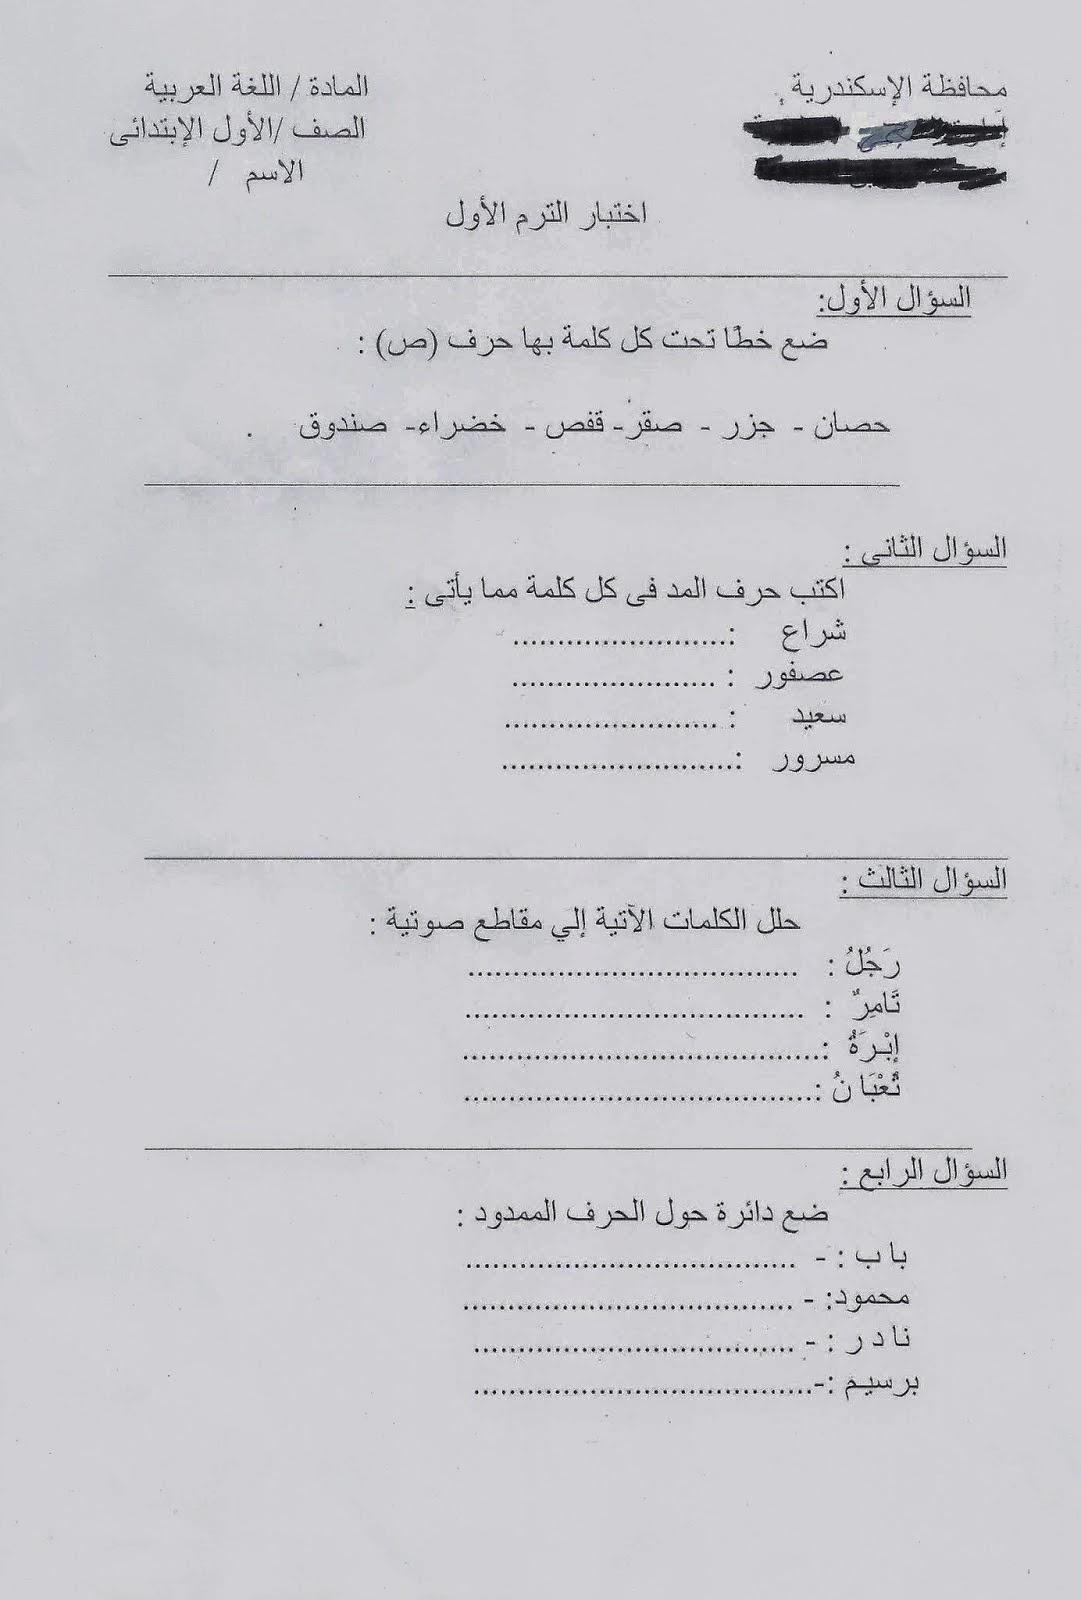 امتحانات كل مواد الاول الابتدائي الترم الأول 2015 مدارس مصر عربى ولغات scan0067.jpg